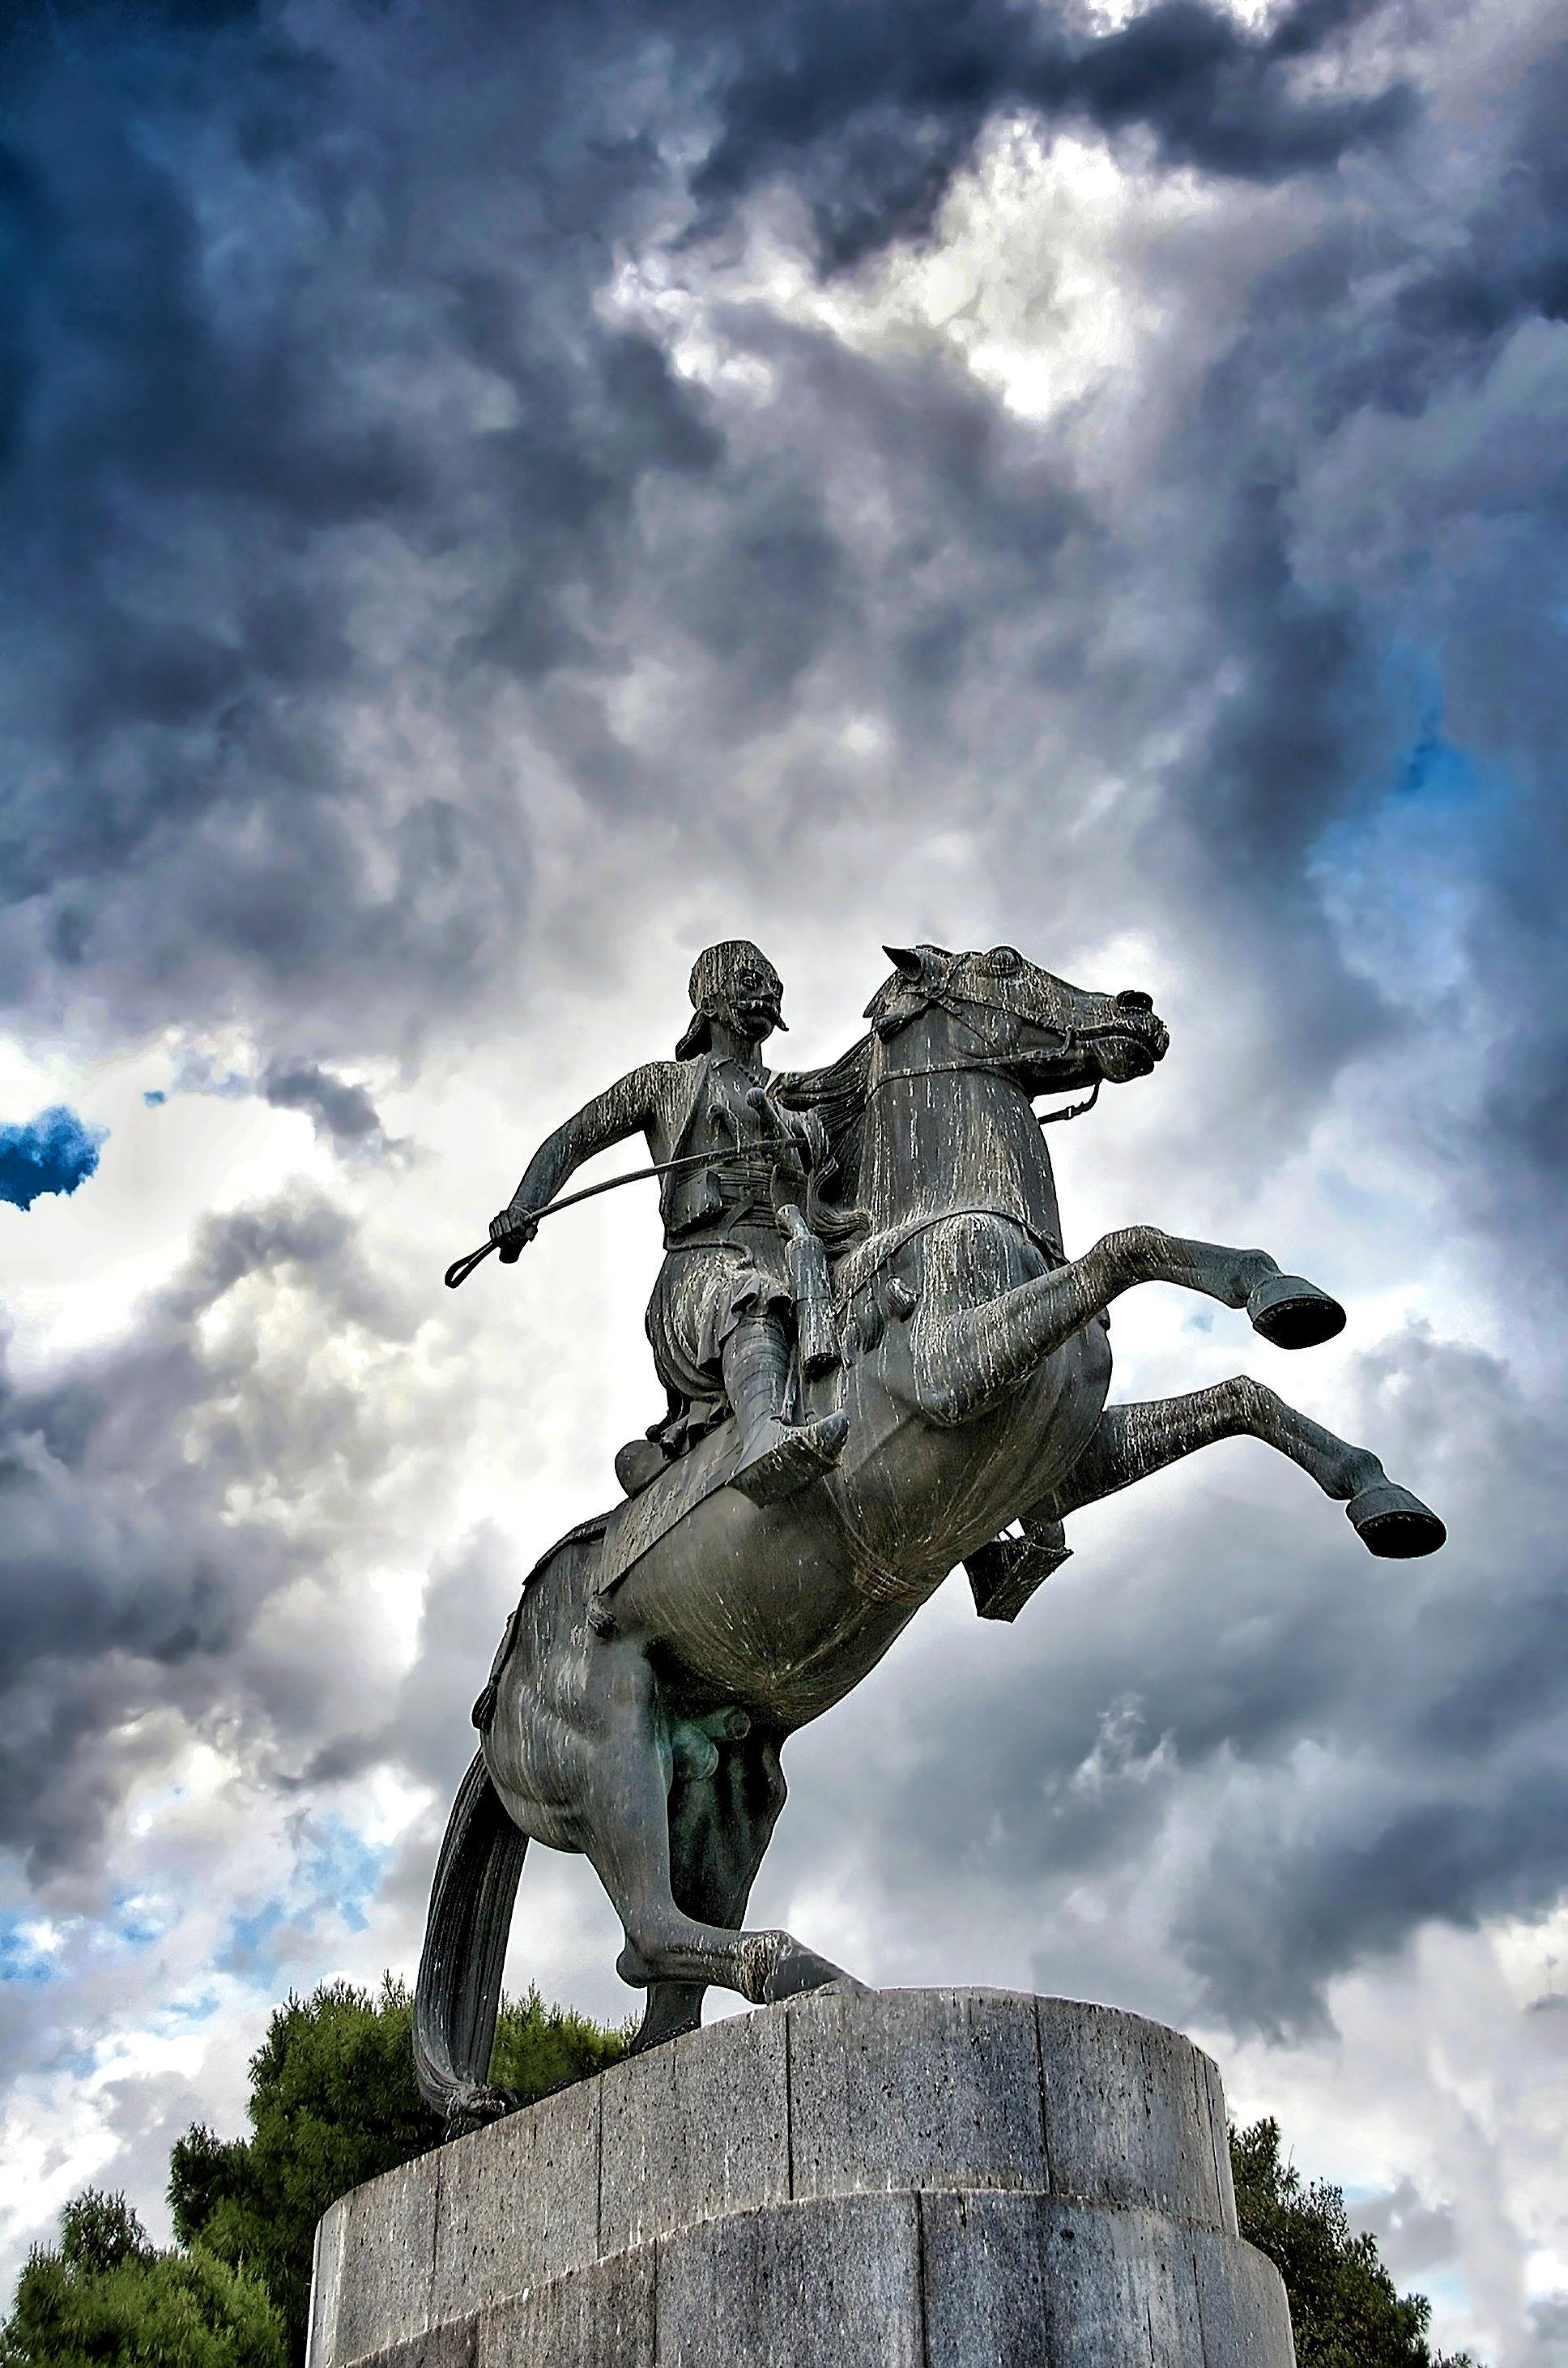 «Από τον Καραϊσκάκη στο 'Καραϊσκάκη': H μάχη του Φαλήρου και ο θάνατος του